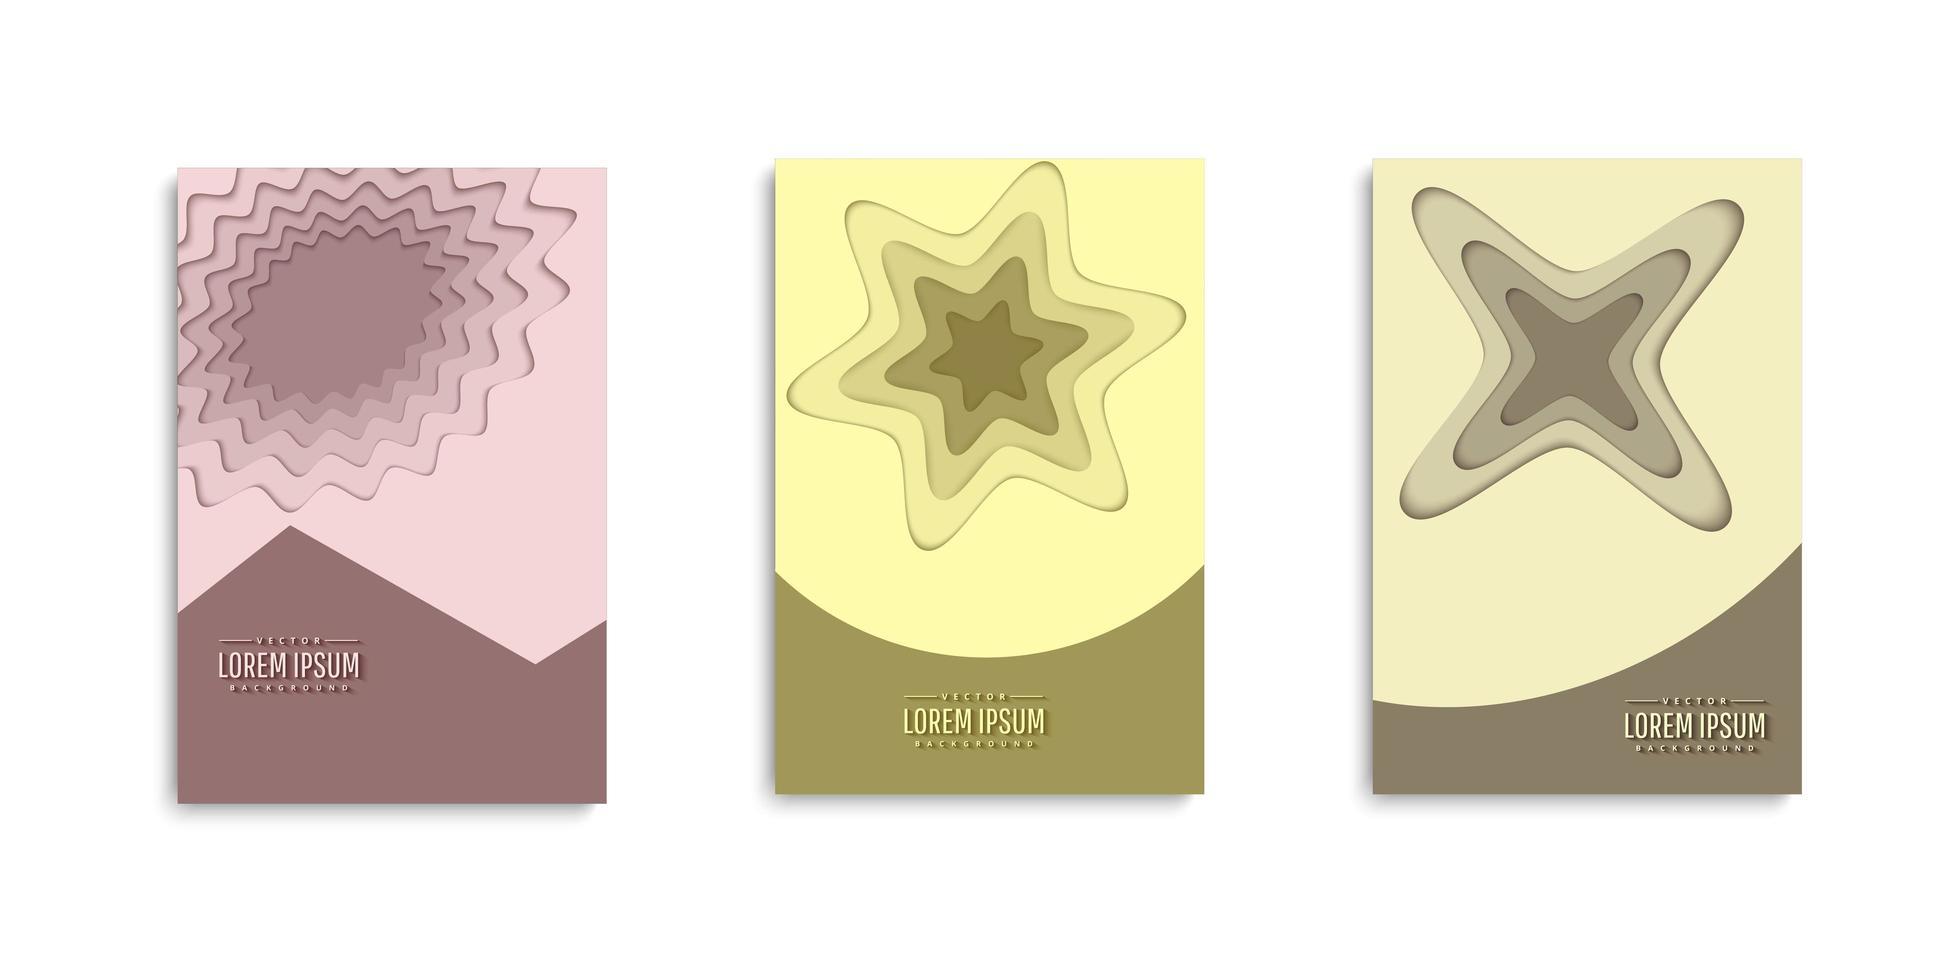 ensemble de couvertures de couches de papier de forme abstraite vecteur